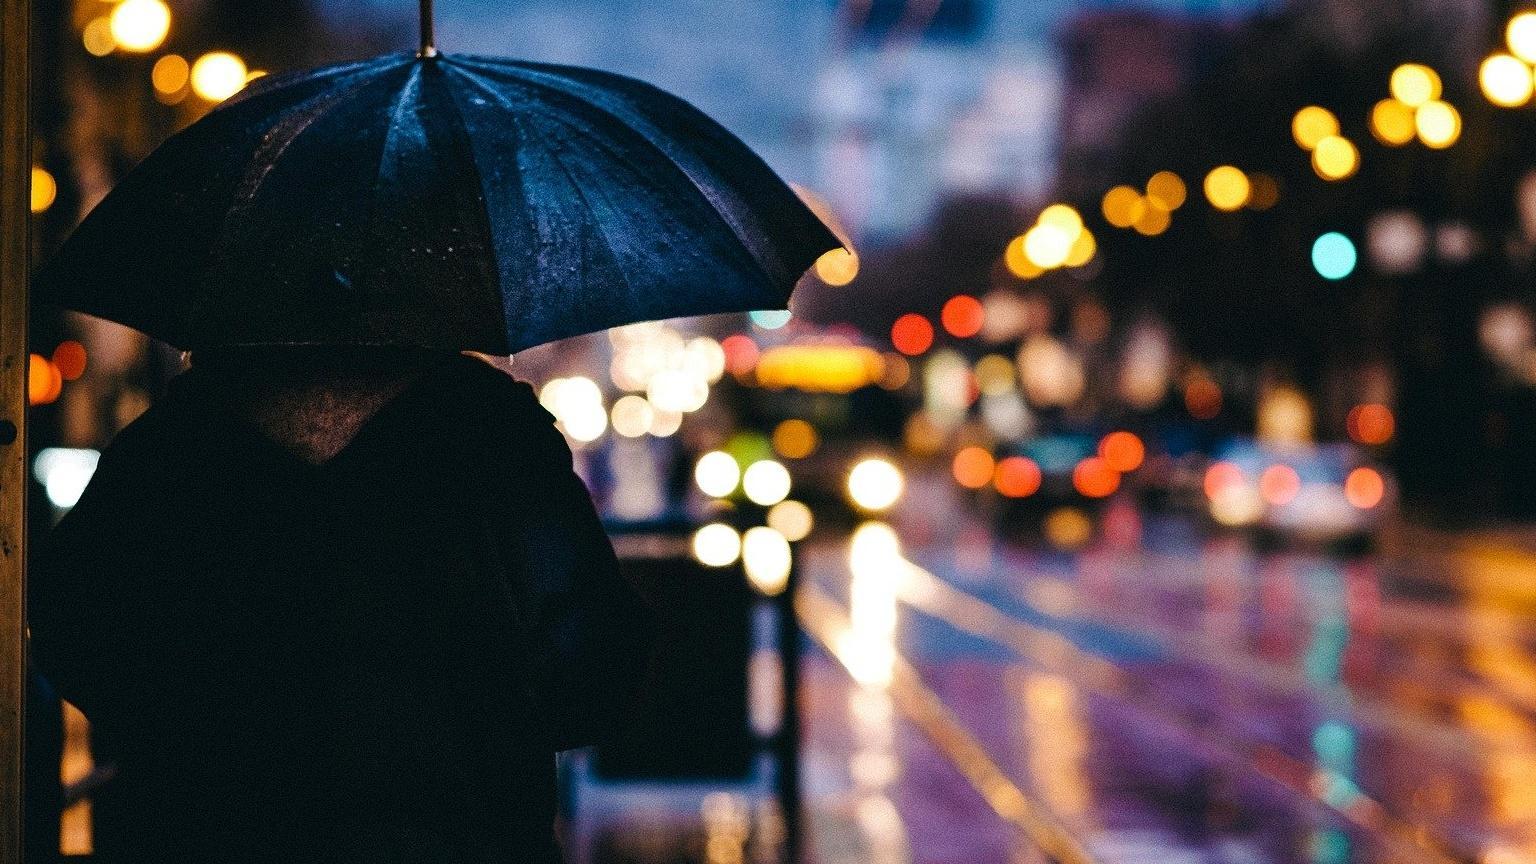 Regenradar-Apps: 3 Empfehlungen für Android & iOS